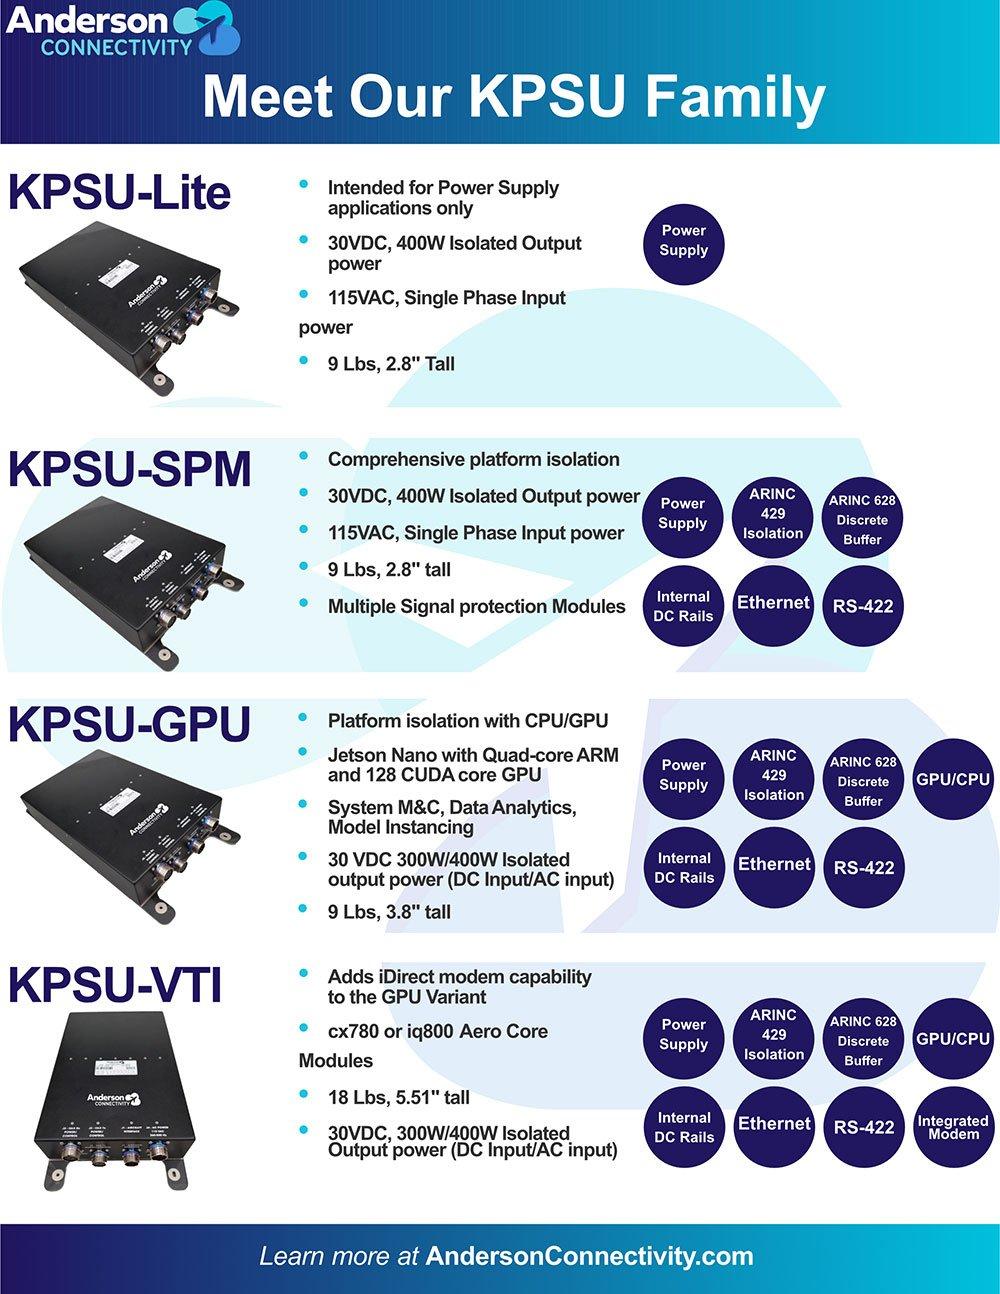 Anderson-Connectivity-KPSU-Image